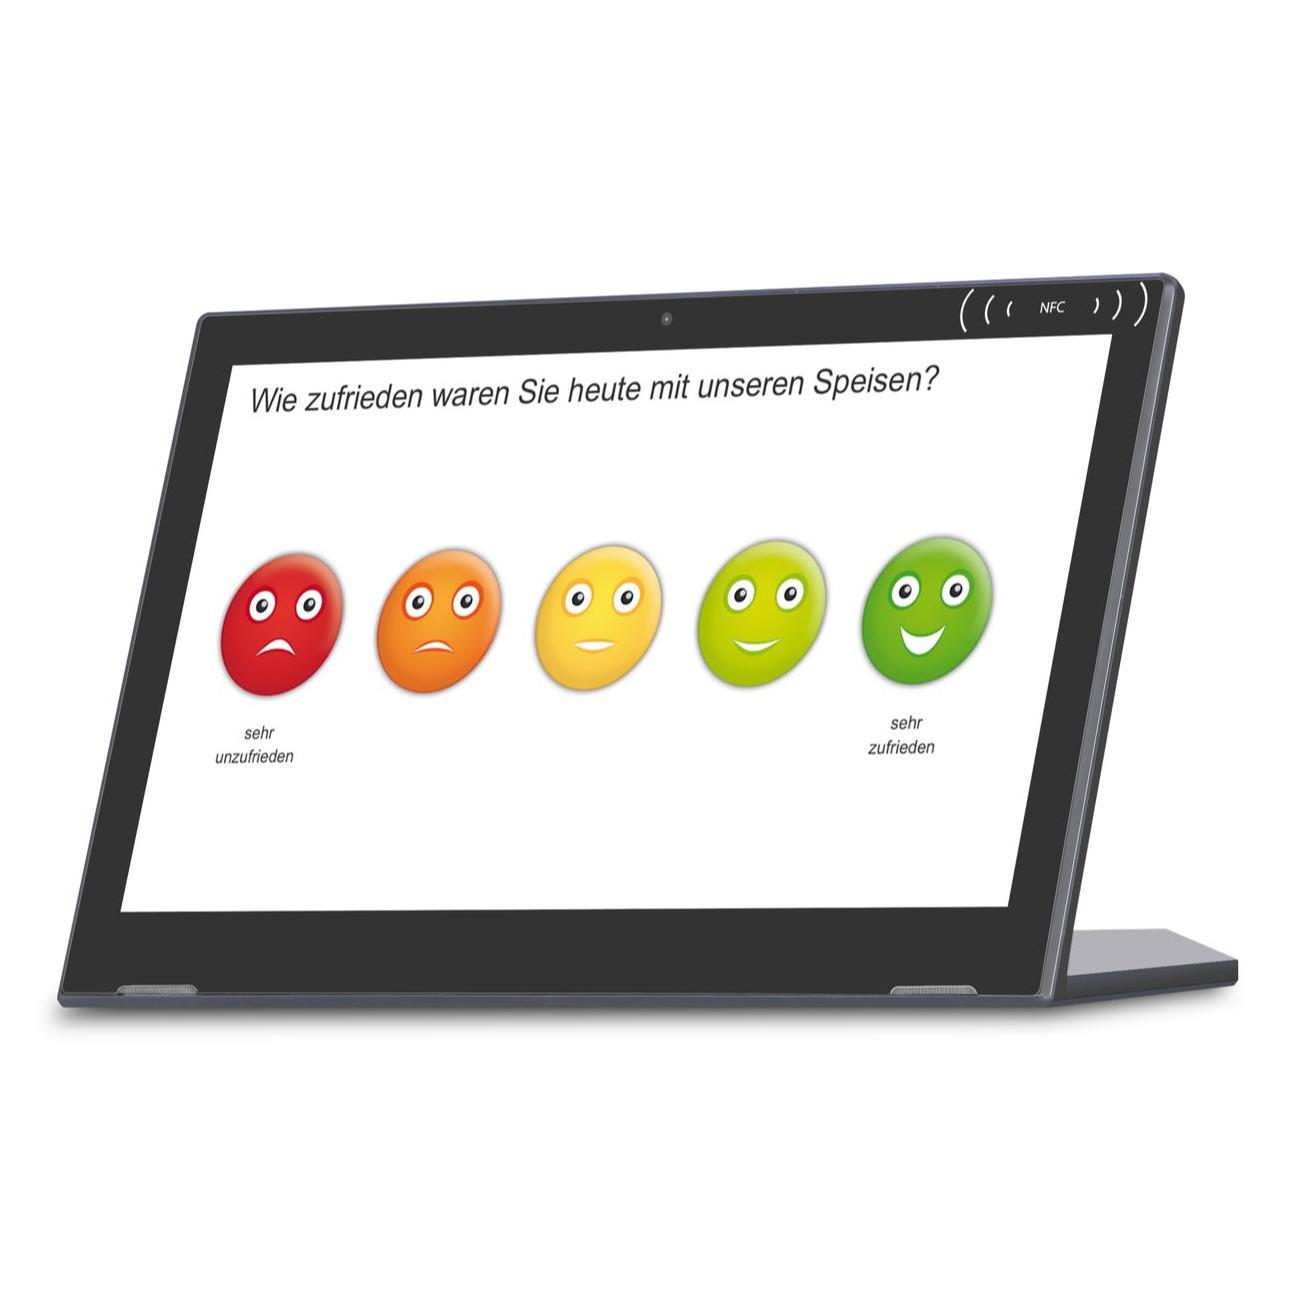 评价器电子评价器窗口满意度评价器多媒体评价器打分器